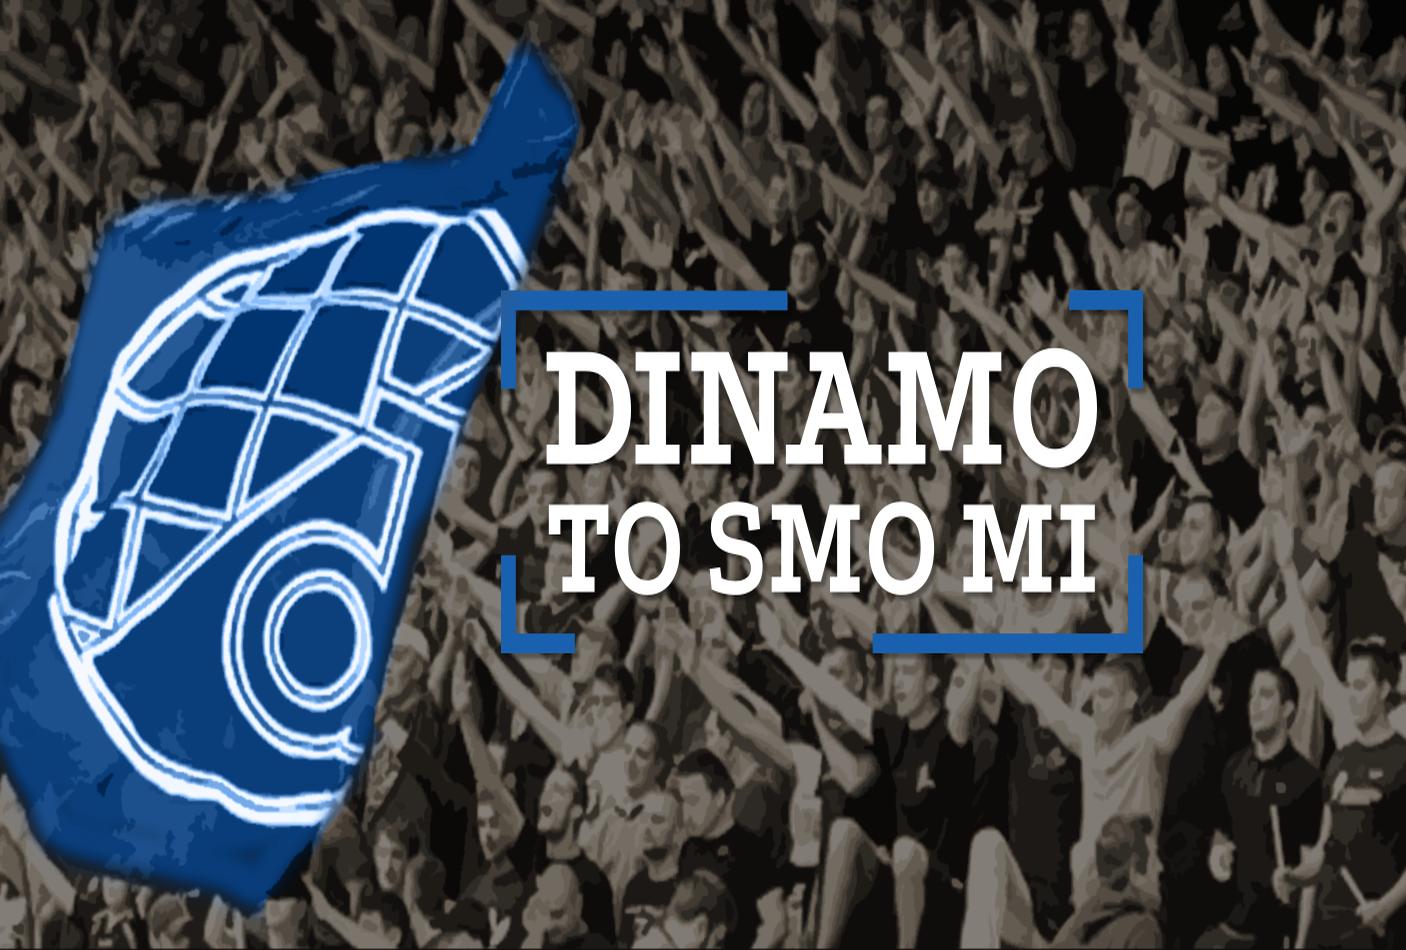 Održana godišnja Skupština udruge Dinamo to smo mi